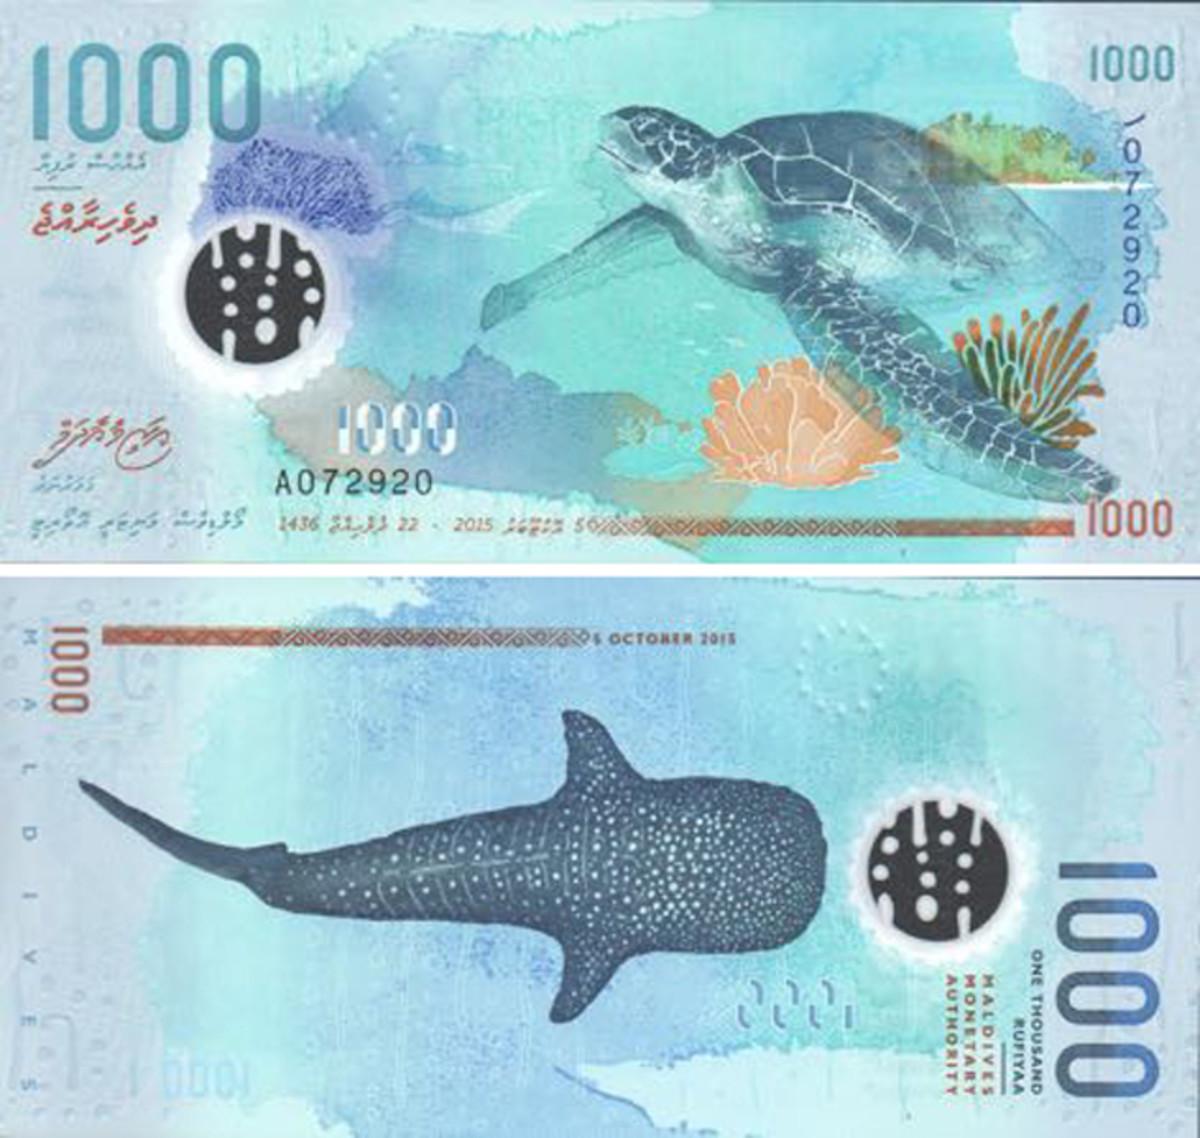 The new 1,000 rufiyaa note.